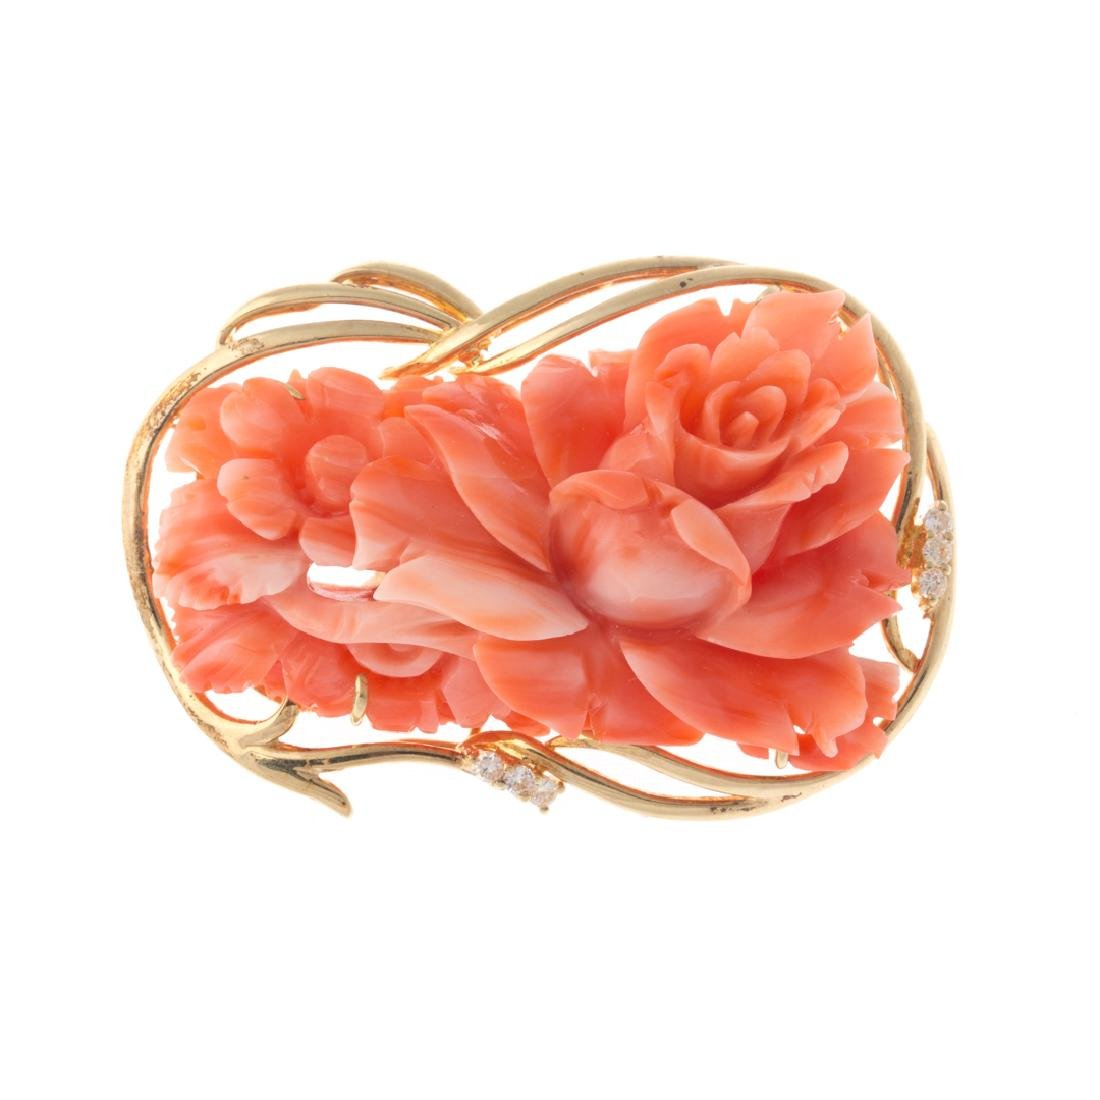 A Lady's Coral Brooch, Pendant & Earrings in 14K - 4